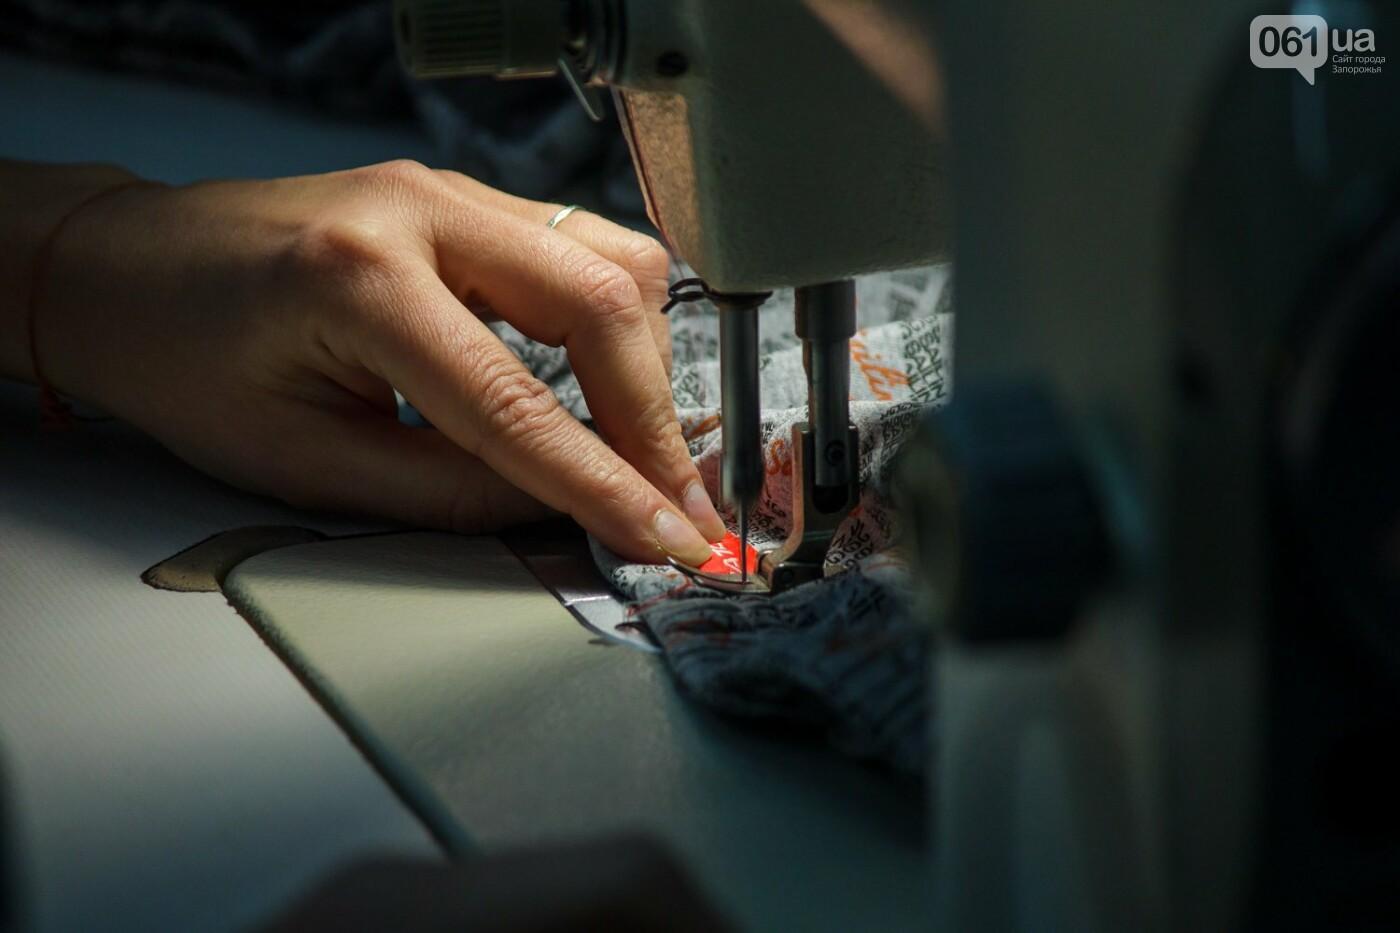 Как в Запорожье шьют мужское белье: экскурсия на трикотажную фабрику, – ФОТОРЕПОРТАЖ, фото-35